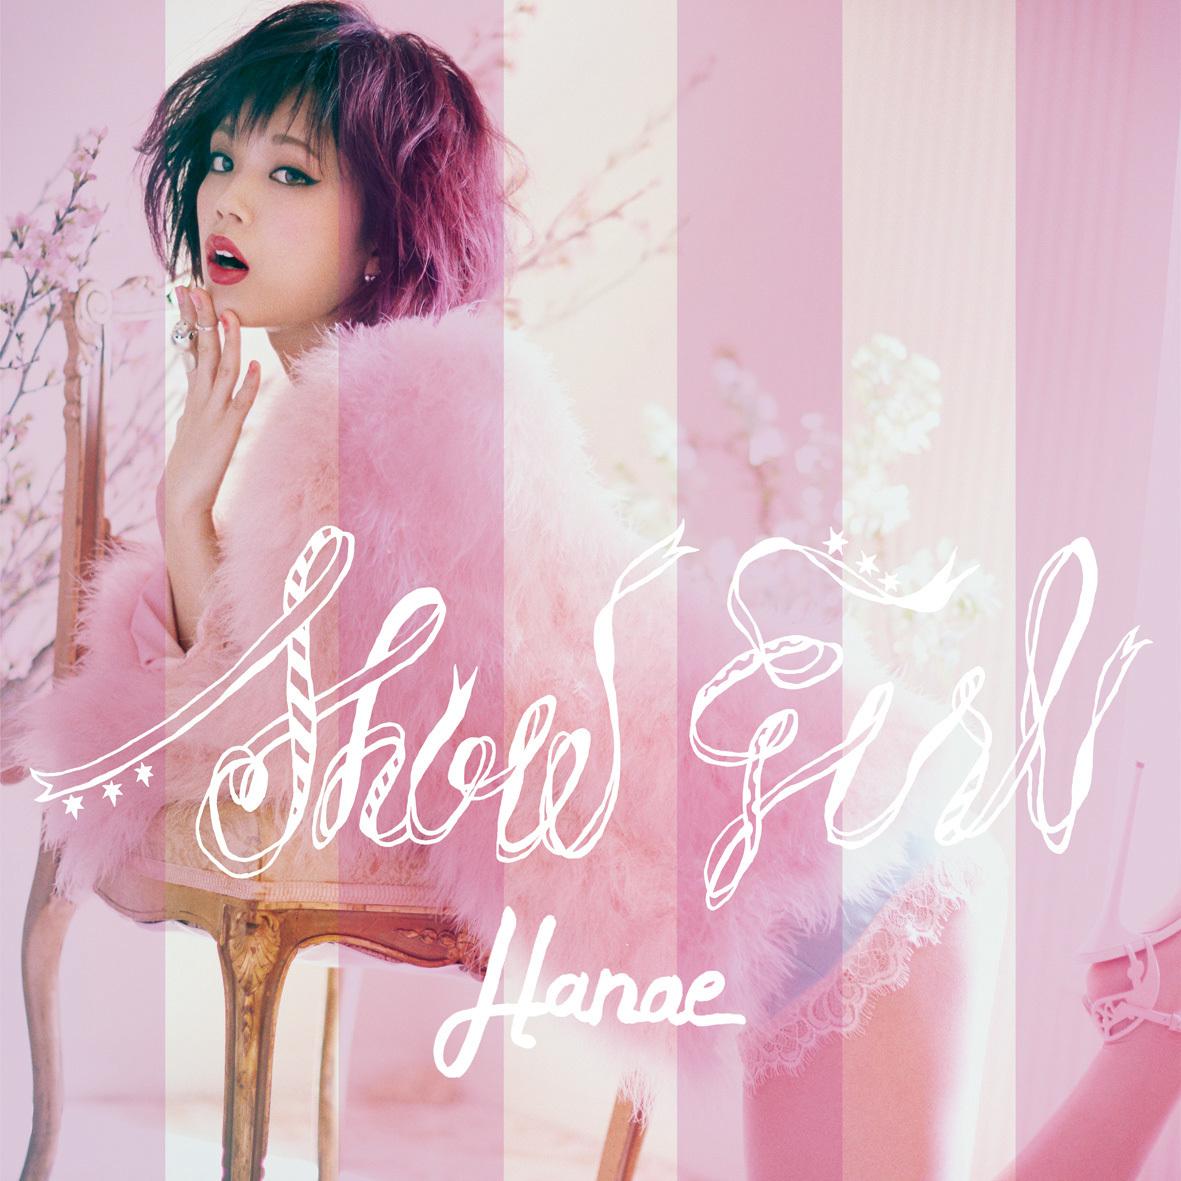 ハナエ 『SHOW GIRL』